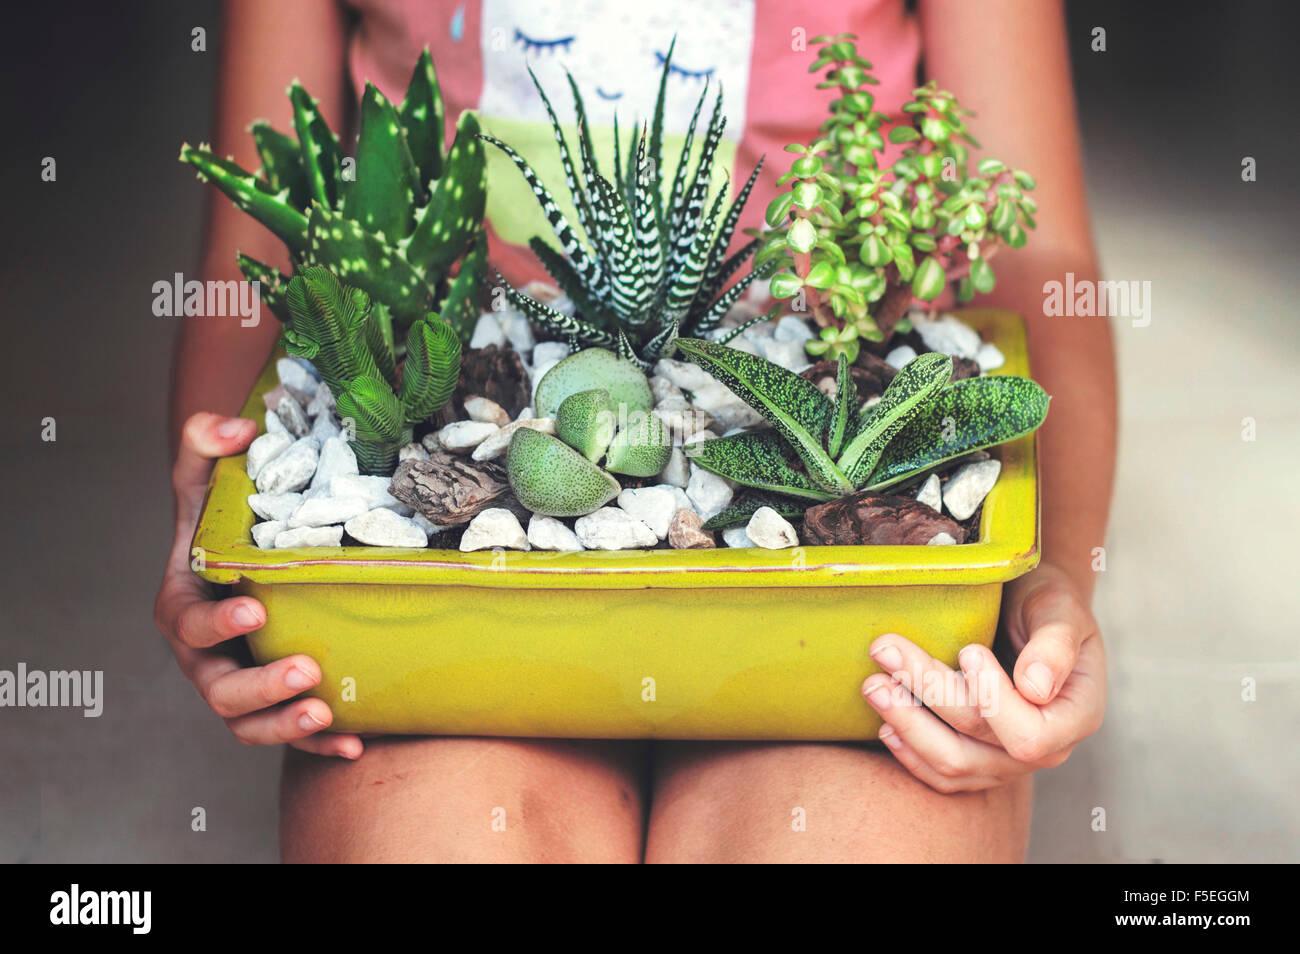 Chica sentada, sosteniendo una pantalla de plantas suculentas Imagen De Stock